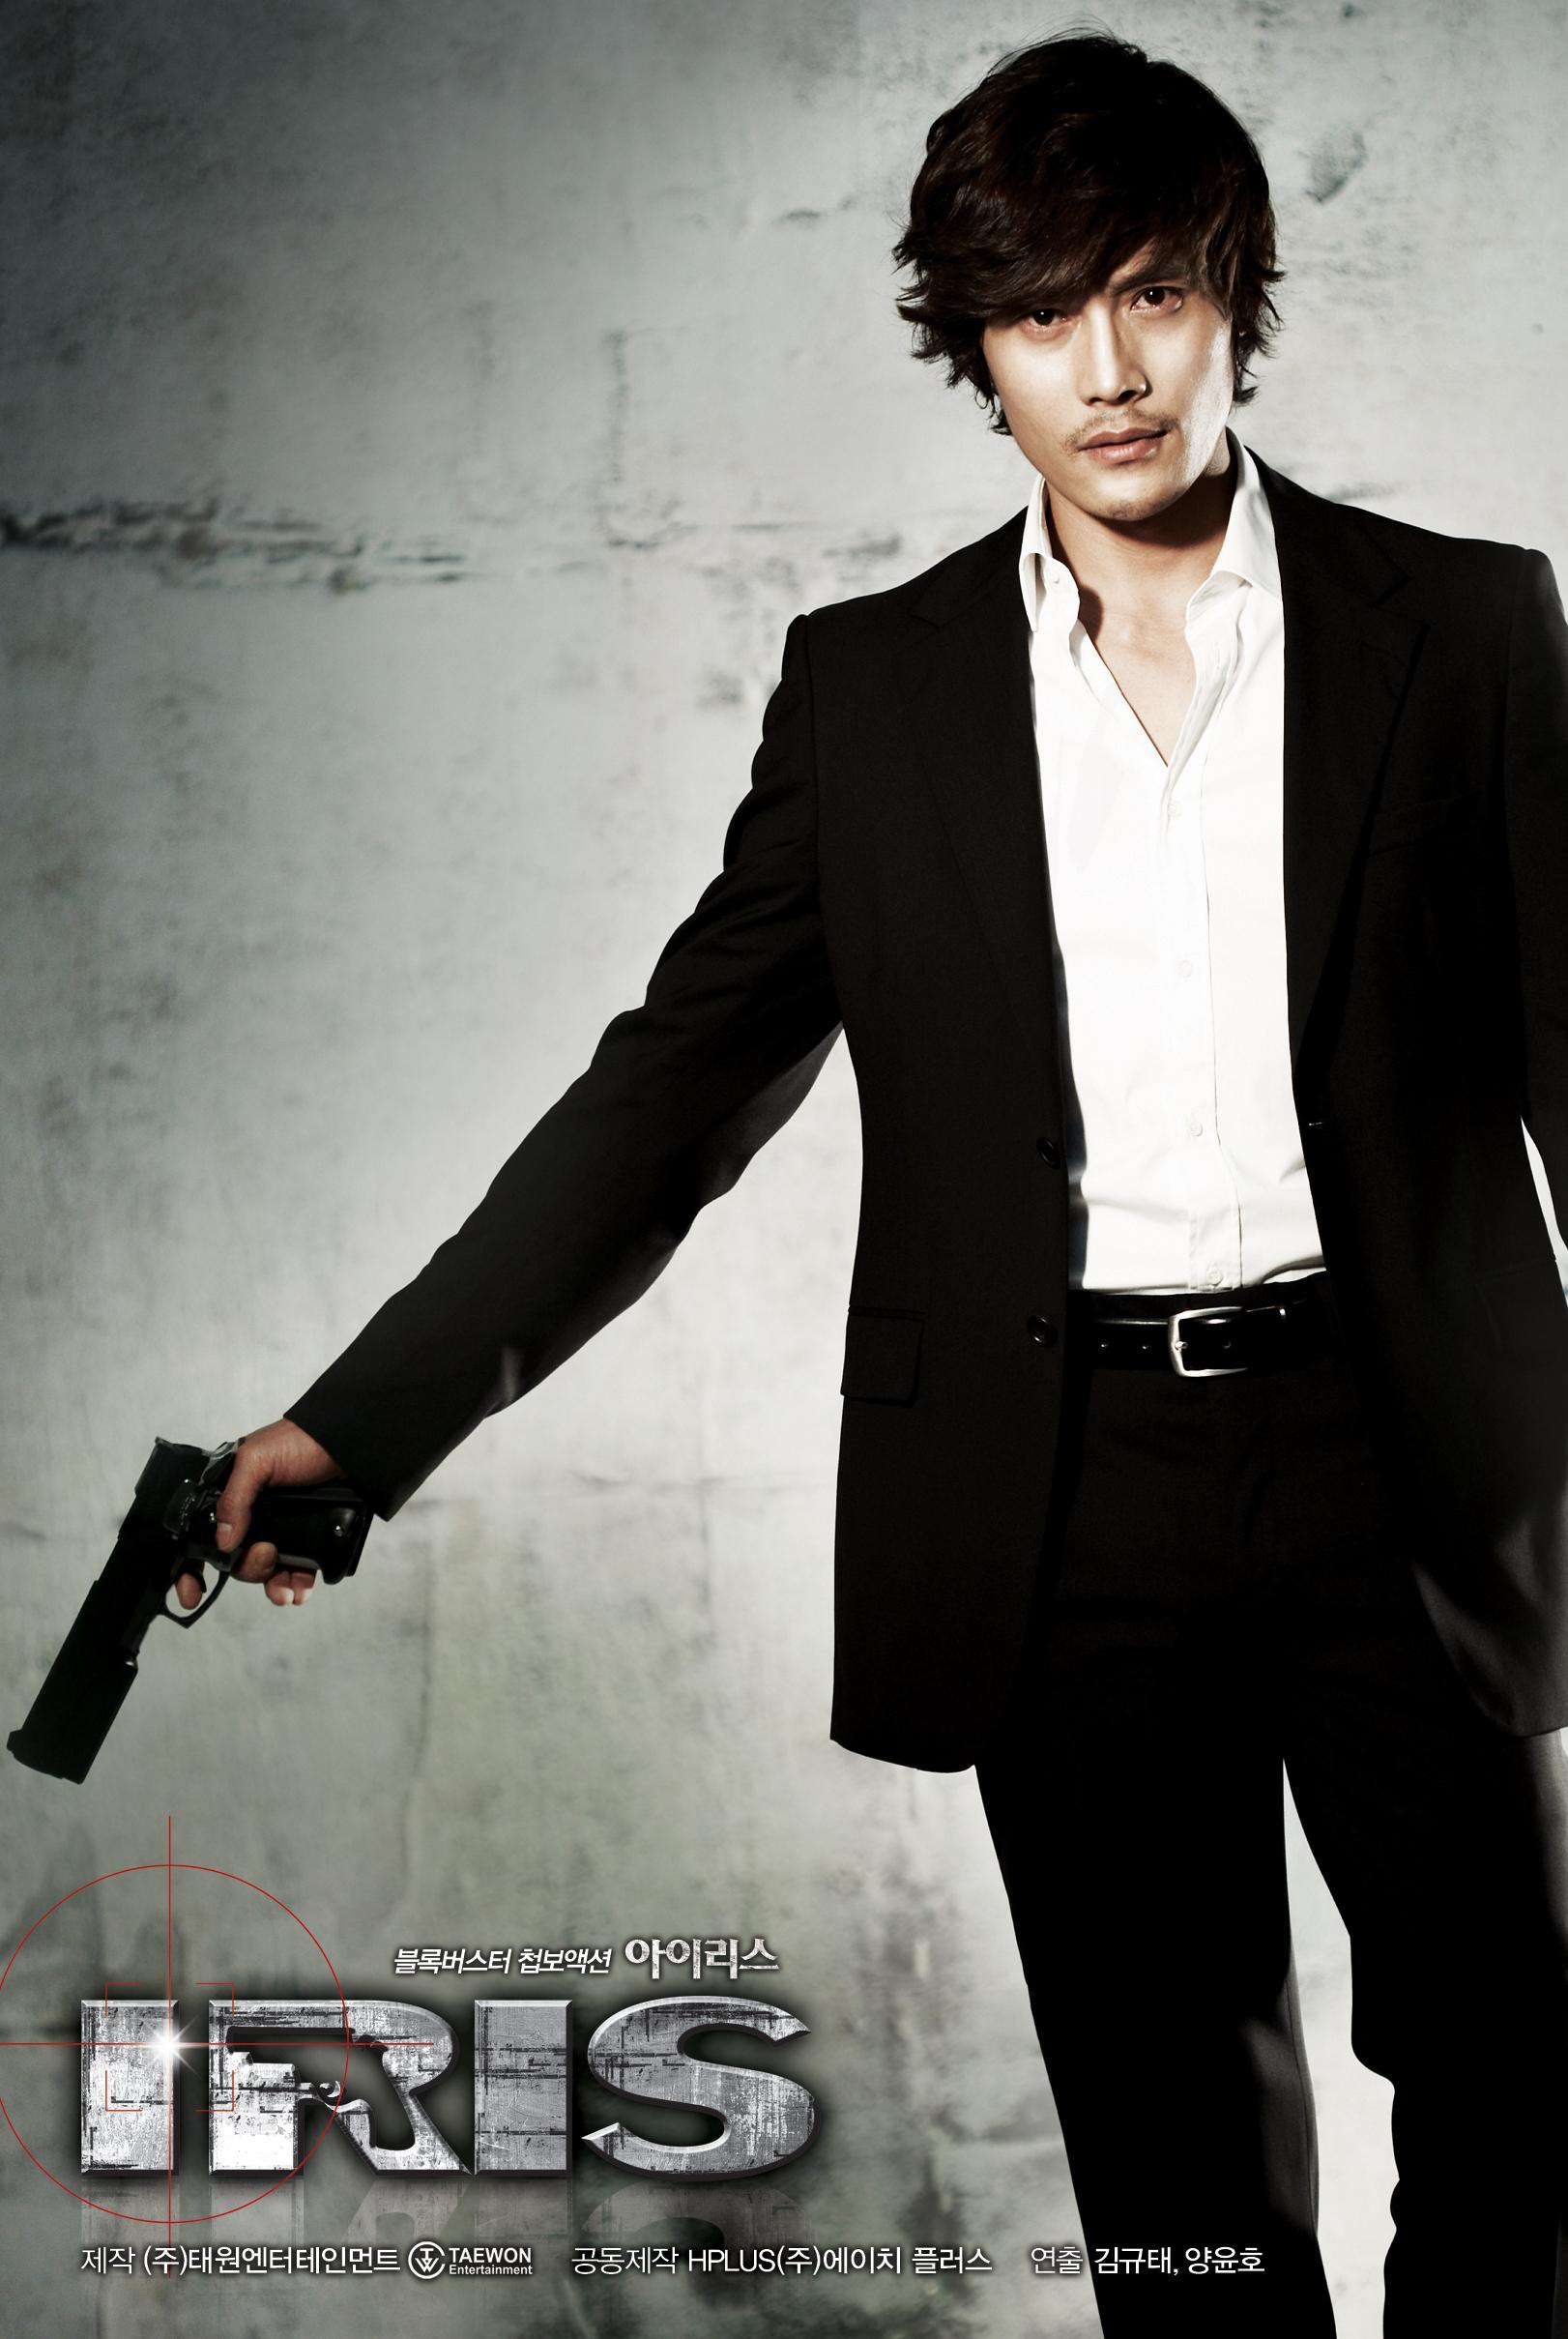 [韓劇] 아이리스 (特務情人IRIS) (2009) IRIS%20poster%2005